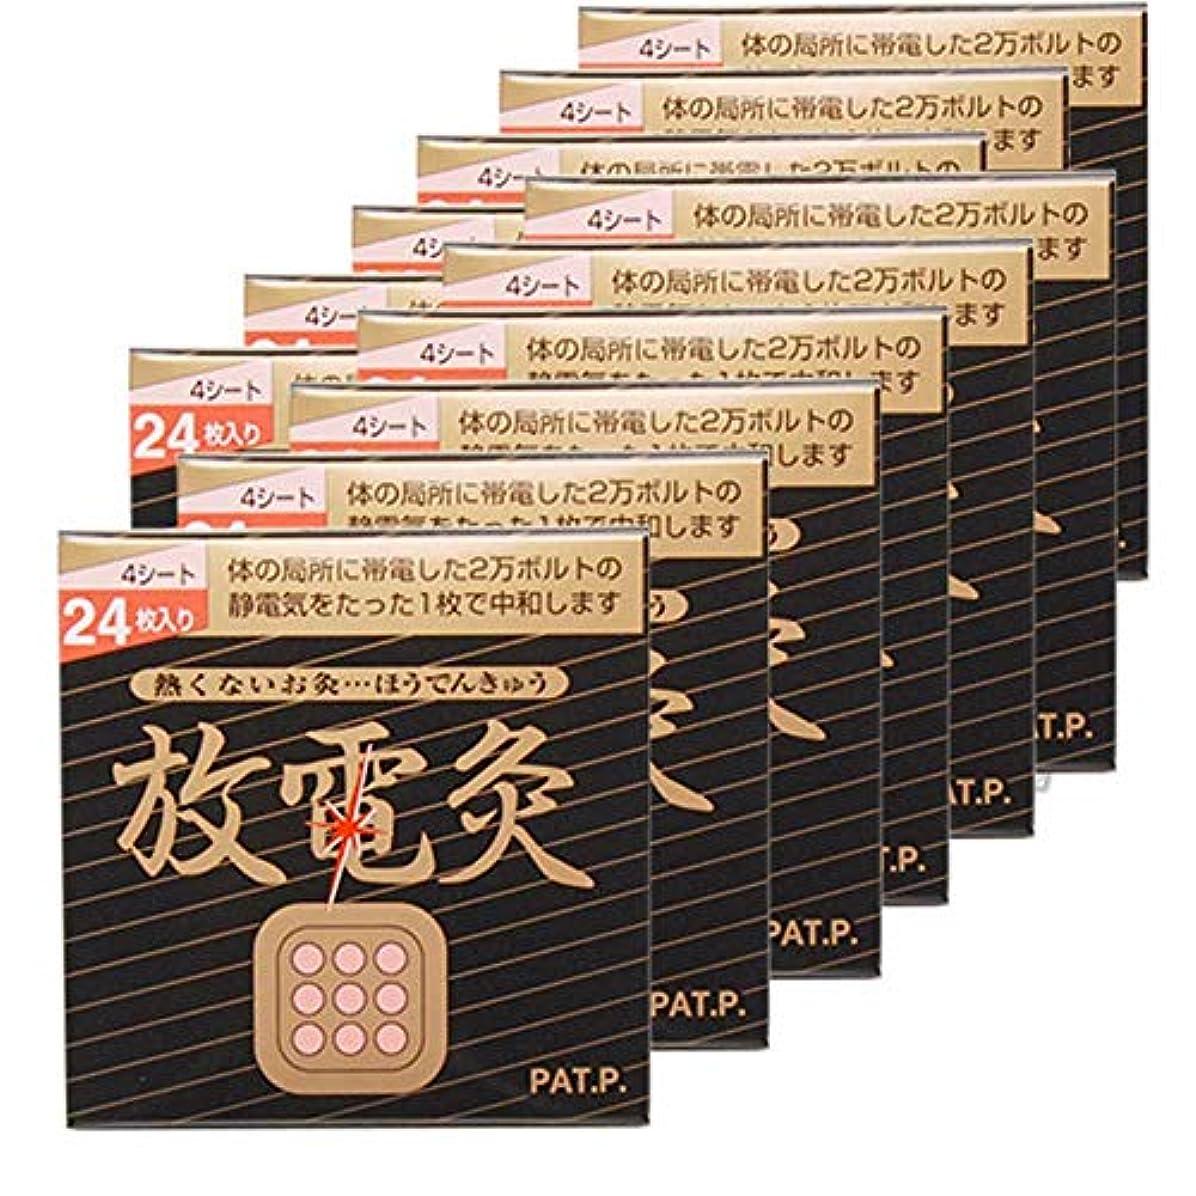 付与ぐったりハンディキャップ【X12箱セット】 放電灸 4シート(24枚入)